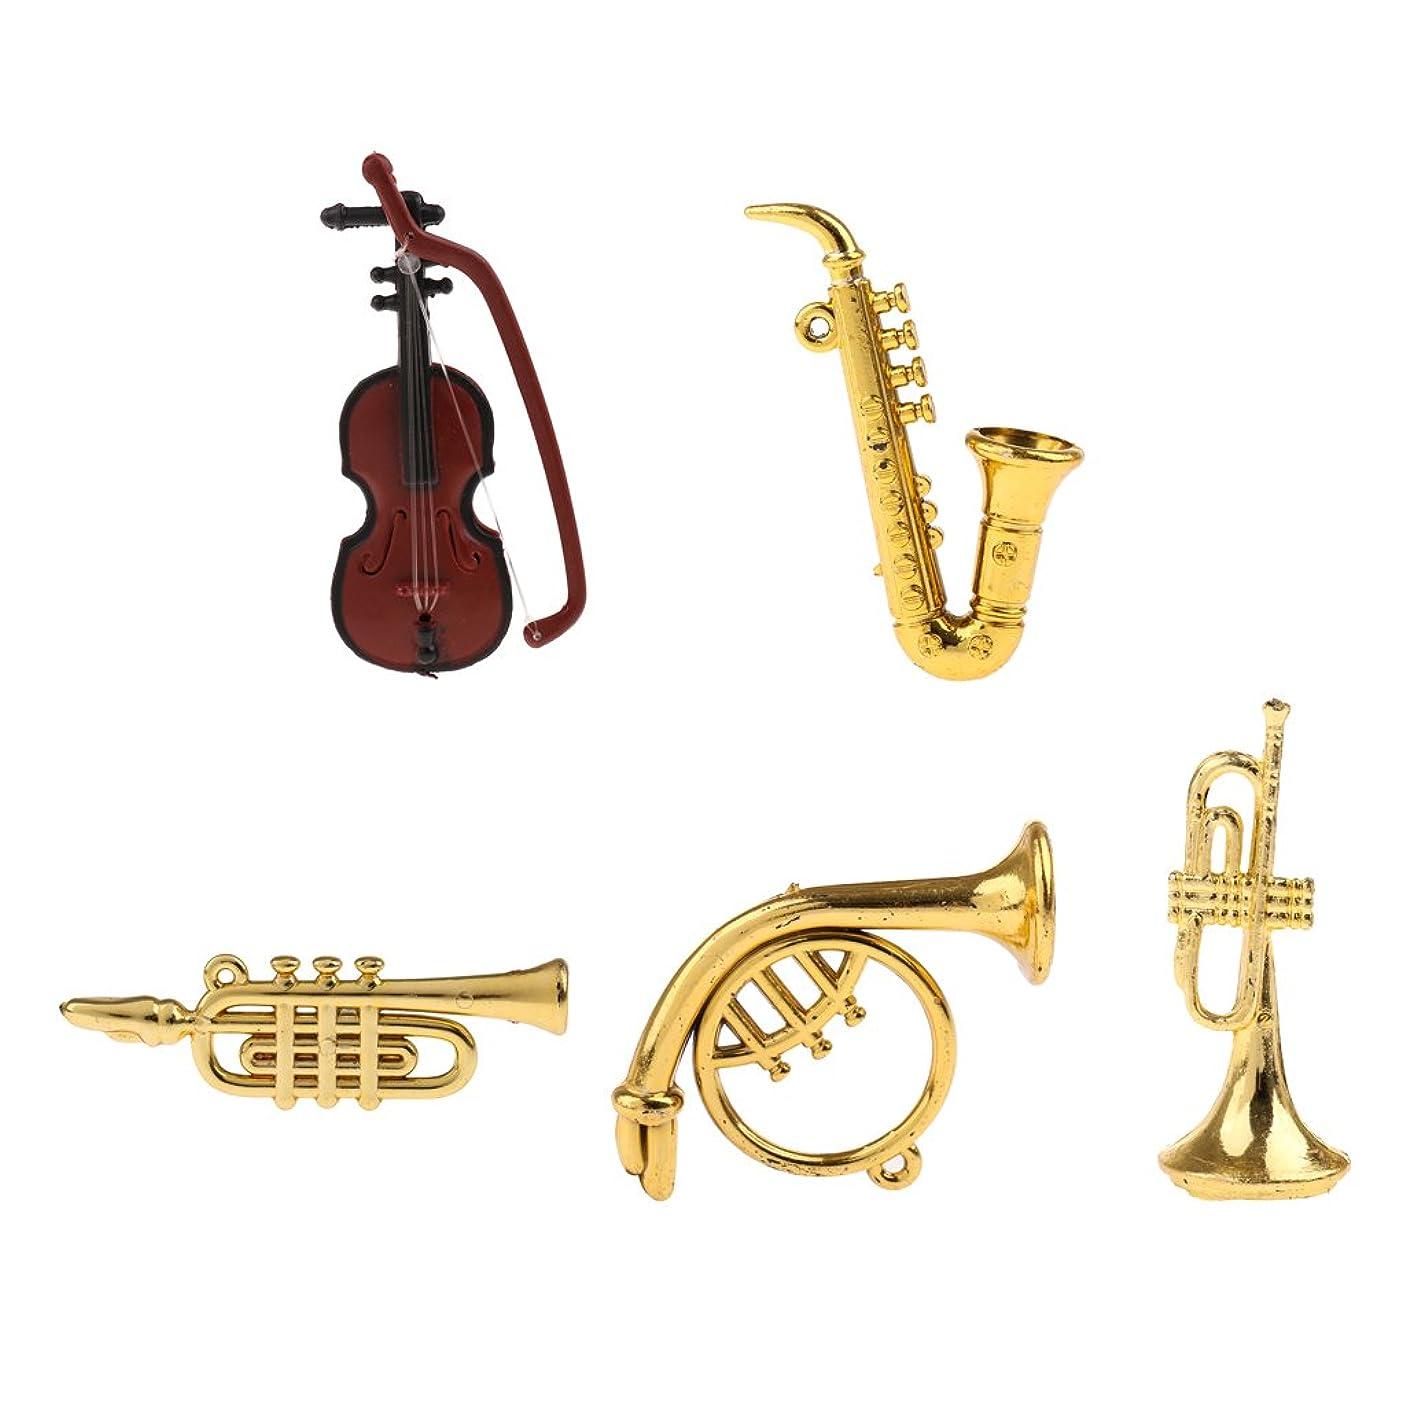 予備放置聴くCUTICATE 5個セット 楽器 モデル アクセサリー 1/12ドルチハウス 小型 プラスチック